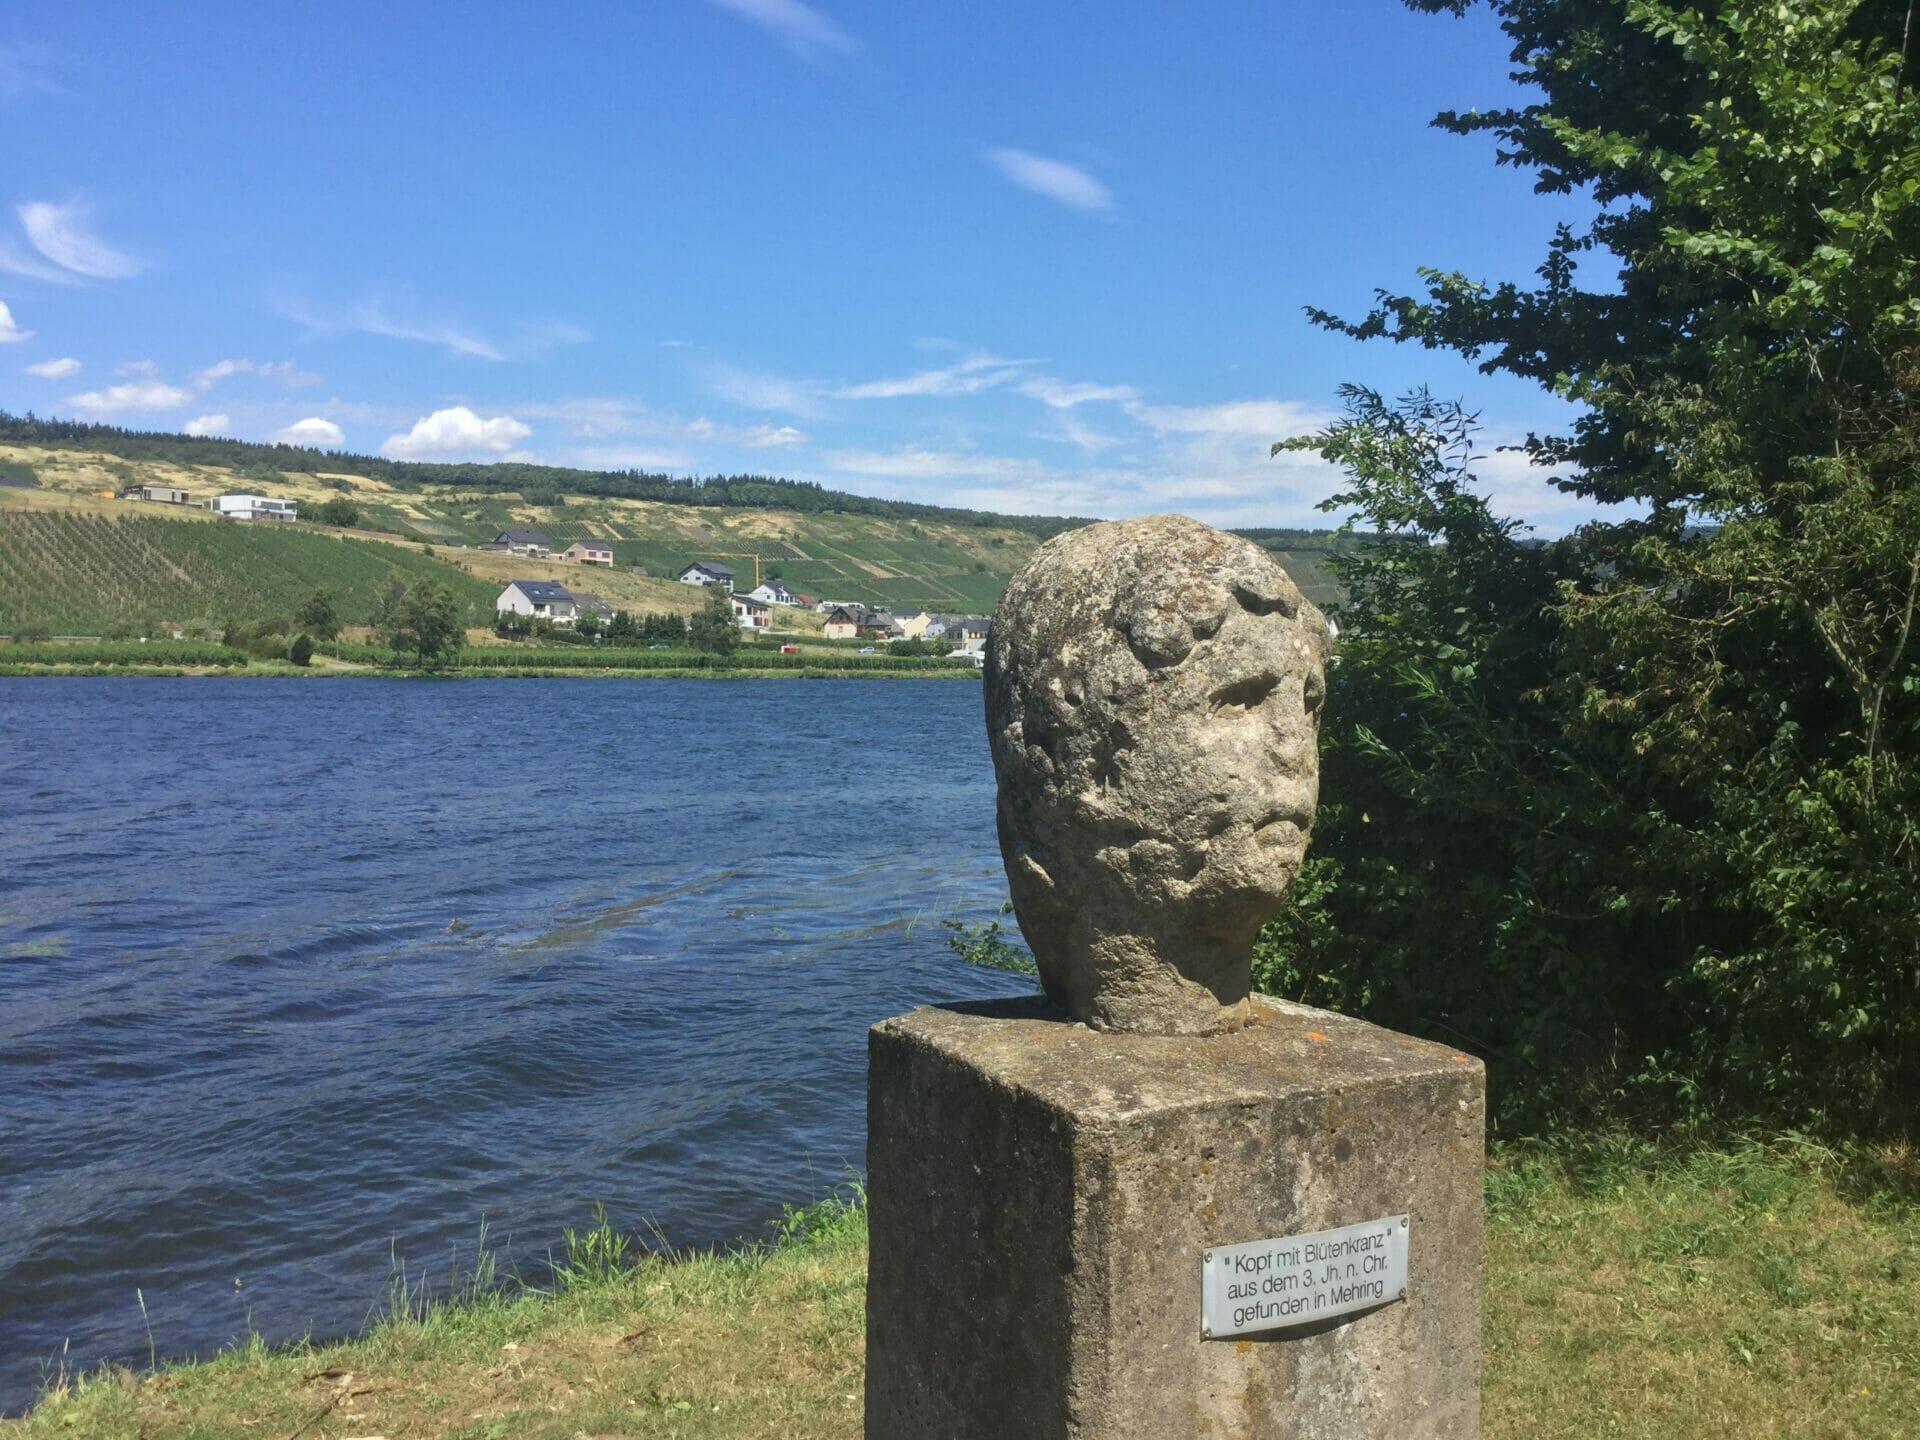 Römischer Kopf in Riol an der Mosel - Moselradweg